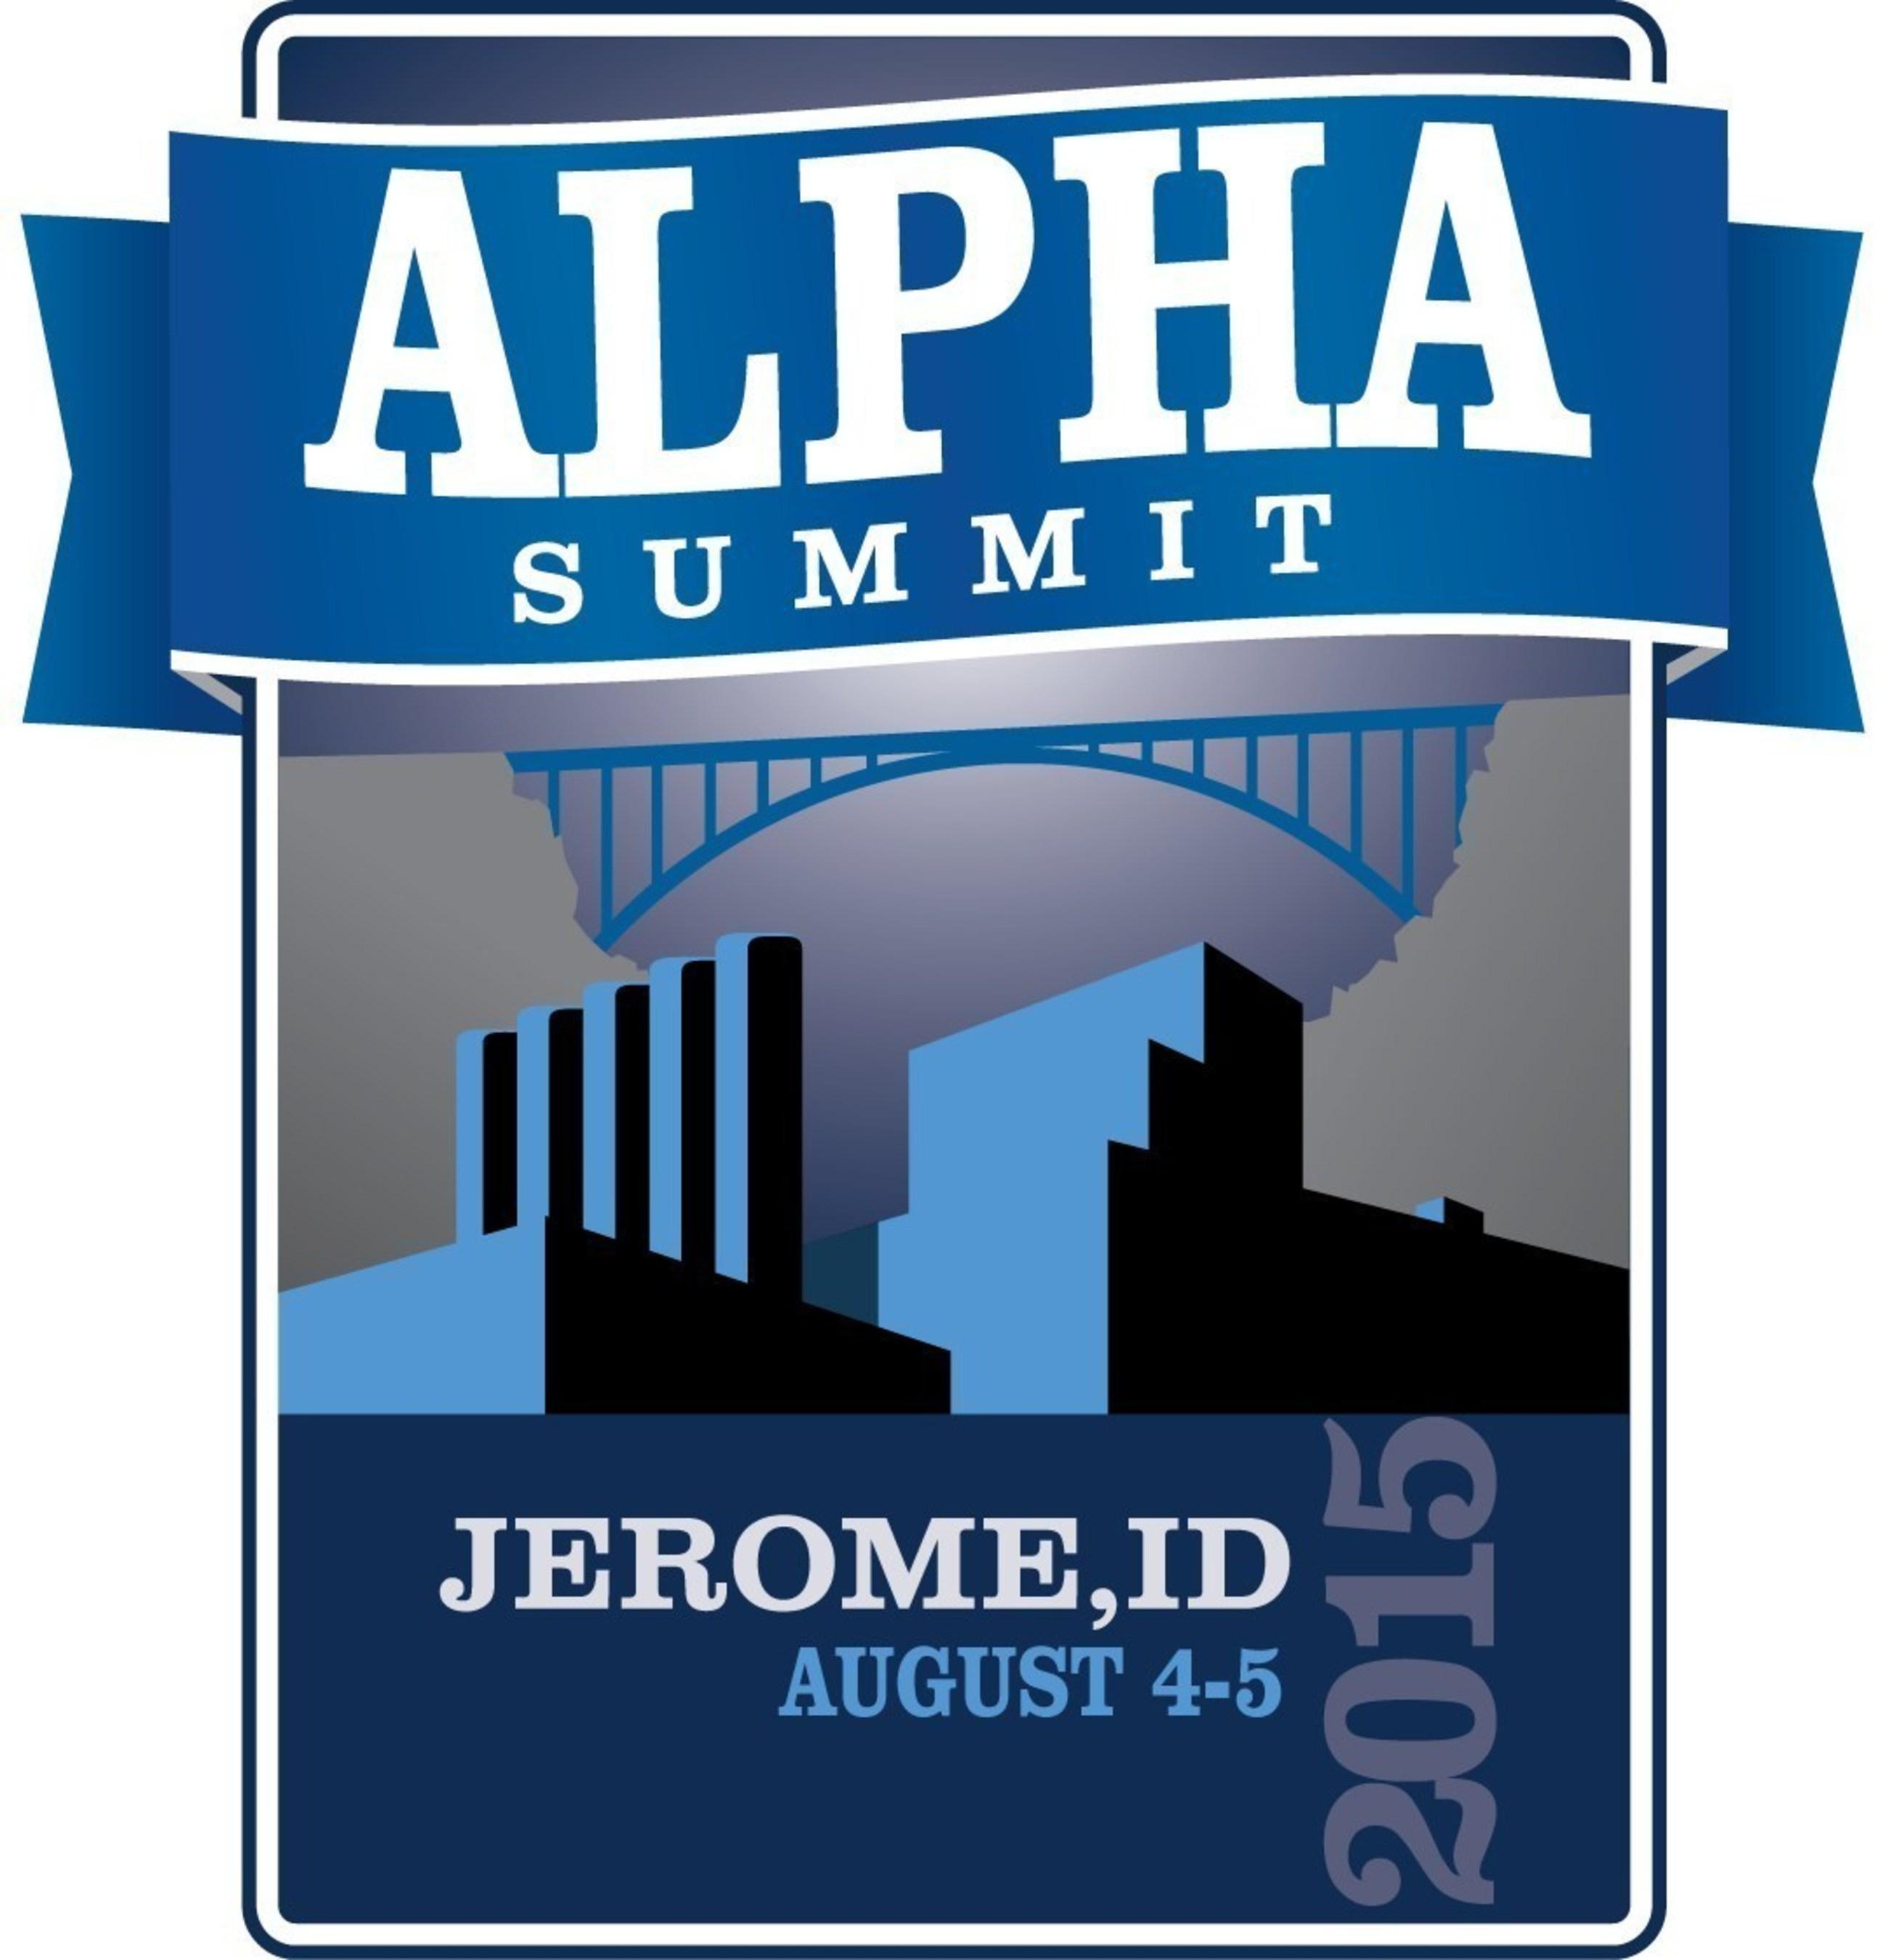 Se completa el primer día de la Alpha Summit 2015